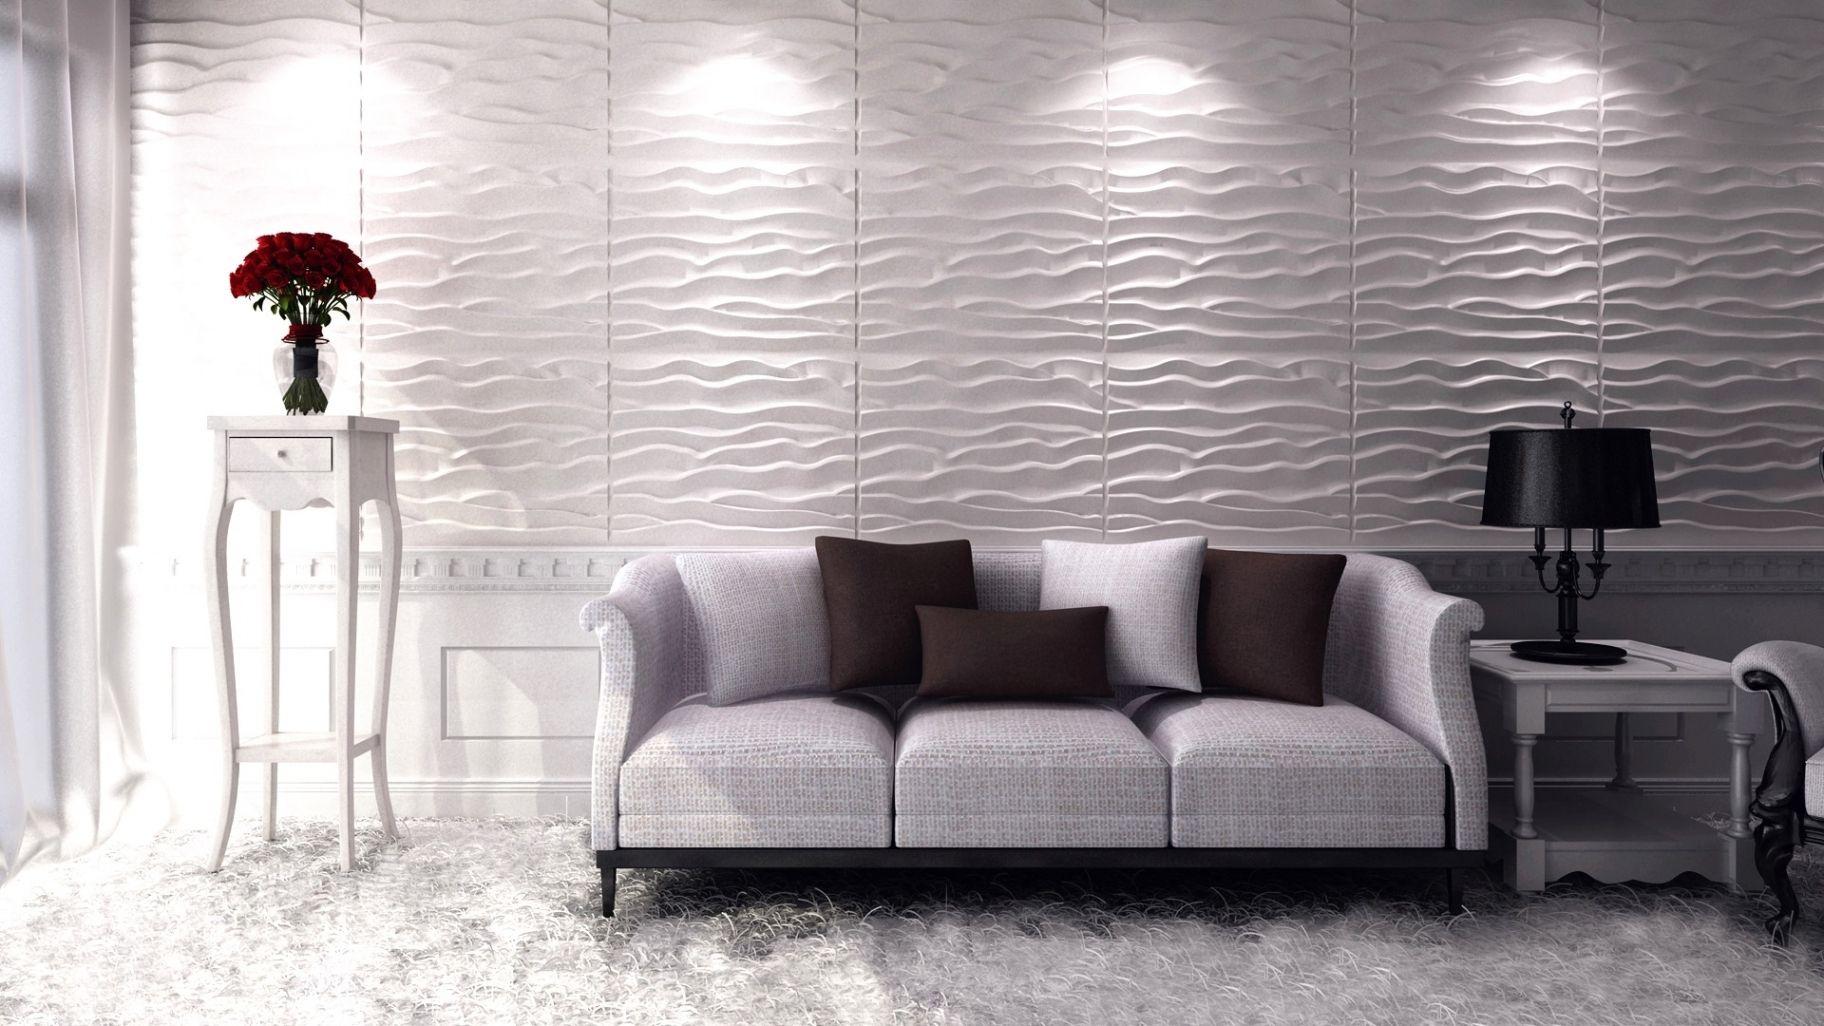 Wunderschöne Wohnzimmer Ideen Tapete | Wohnzimmer deko | Pinterest ...